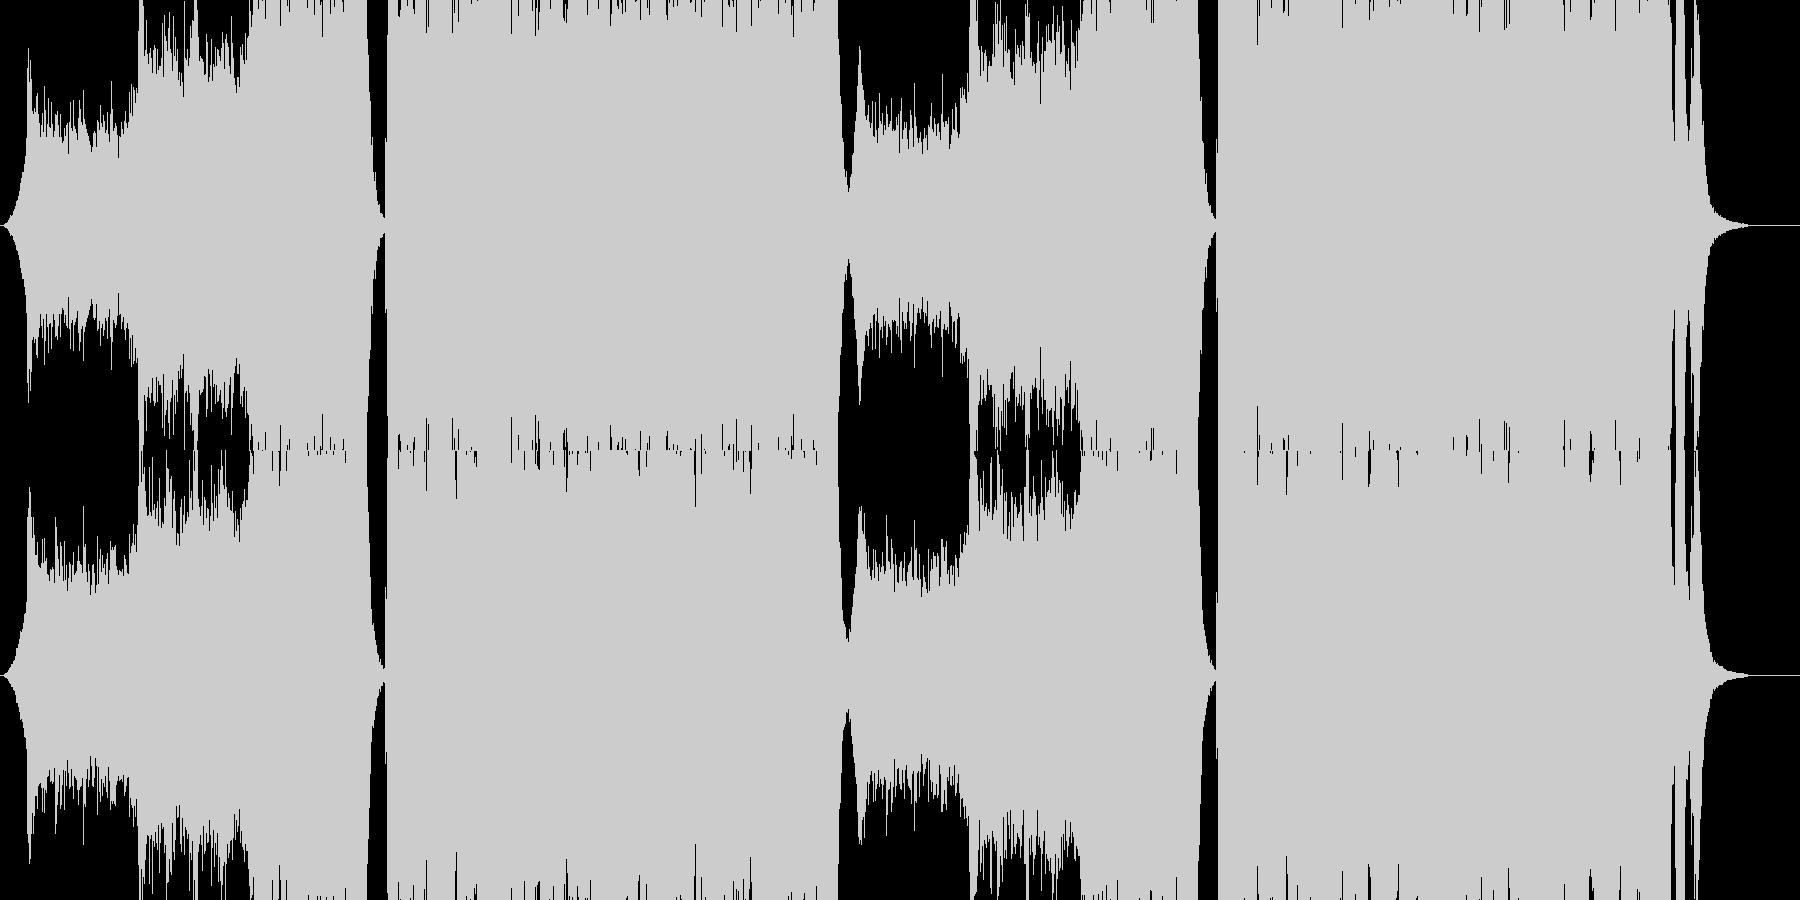 クワイヤー オーケストラ 疾走感の未再生の波形